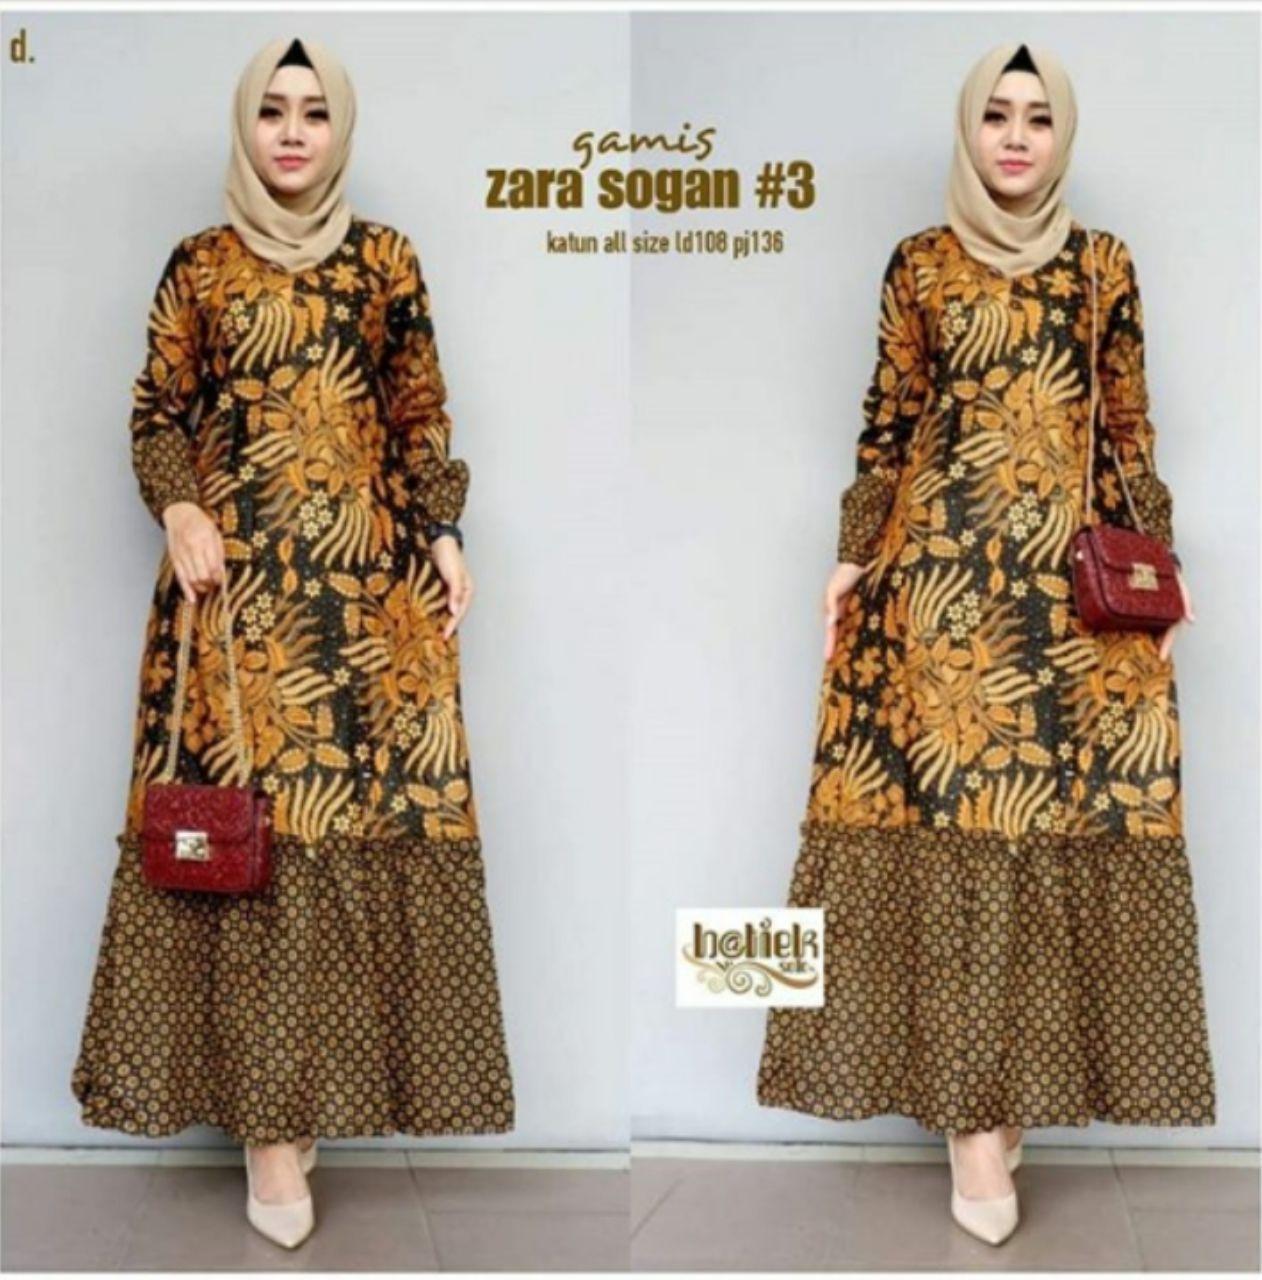 Gamis batik wanita Gamis jumbo - Gamis Busui pakaian kondangan wanita  rampel Viralstore